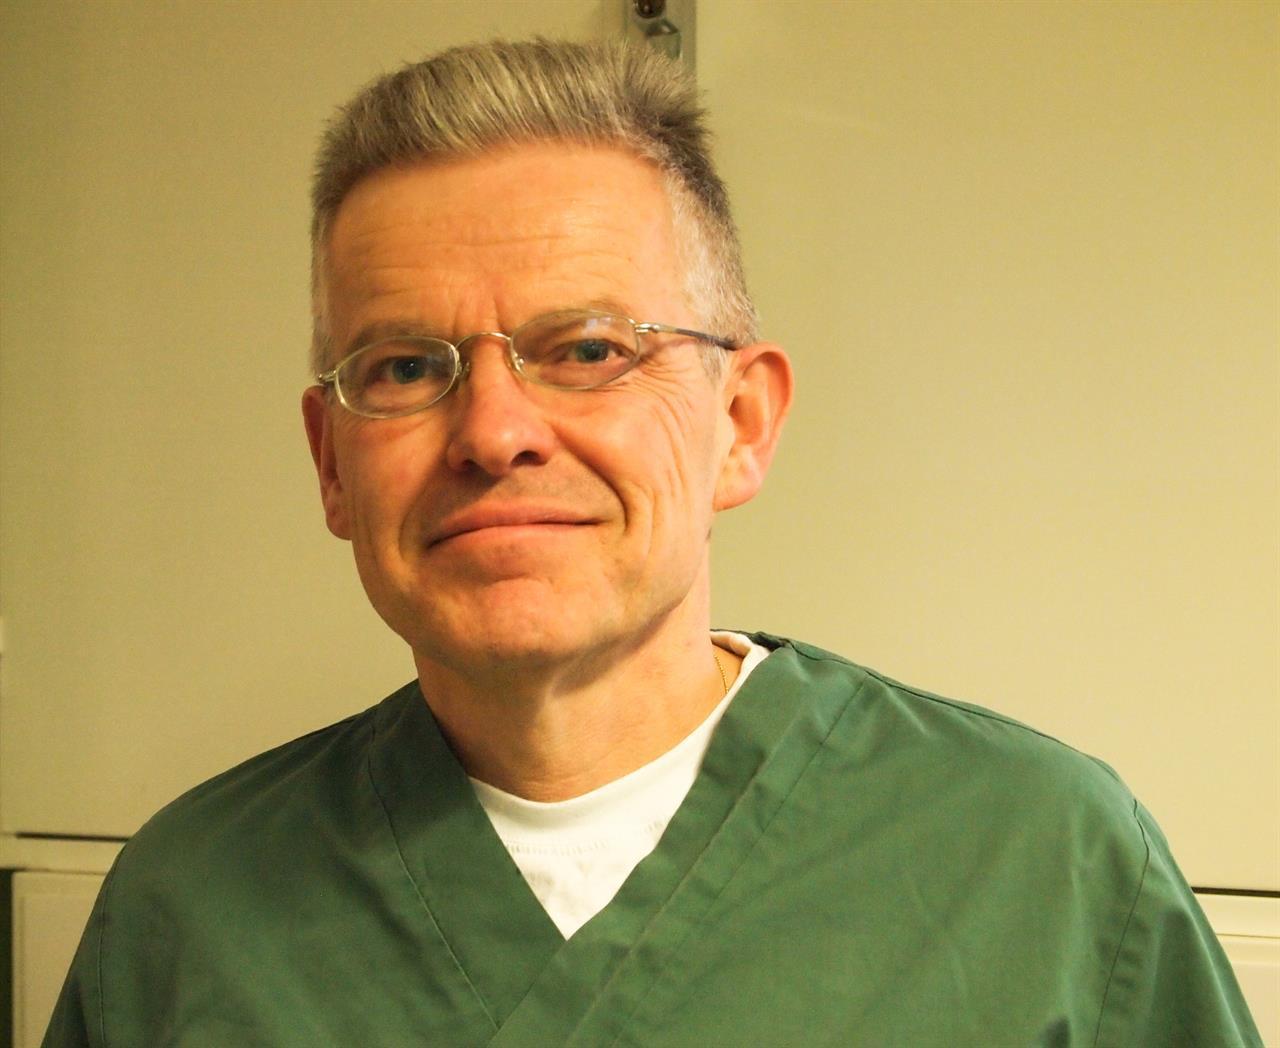 Andrzej kaminski skurups veterinärpraktik